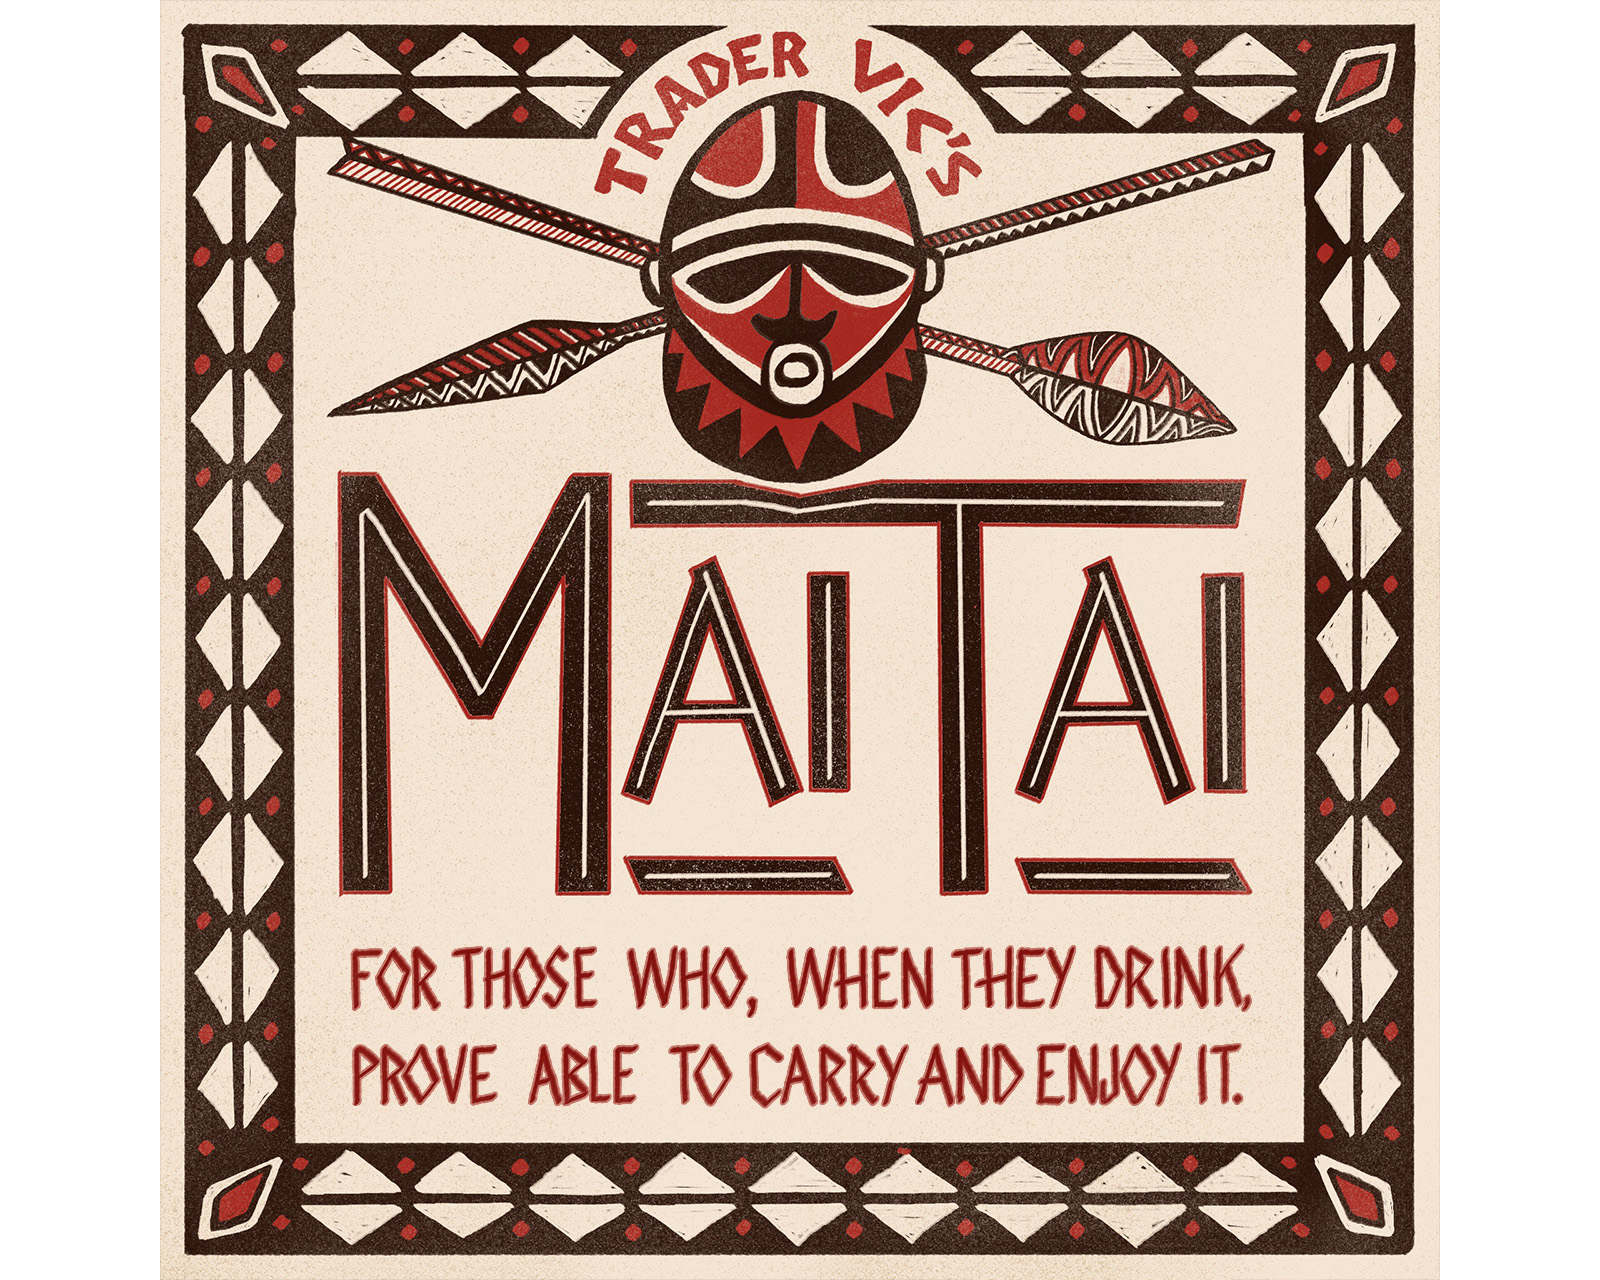 32  THE MAI TAI: 1944 - Letters and Liquor